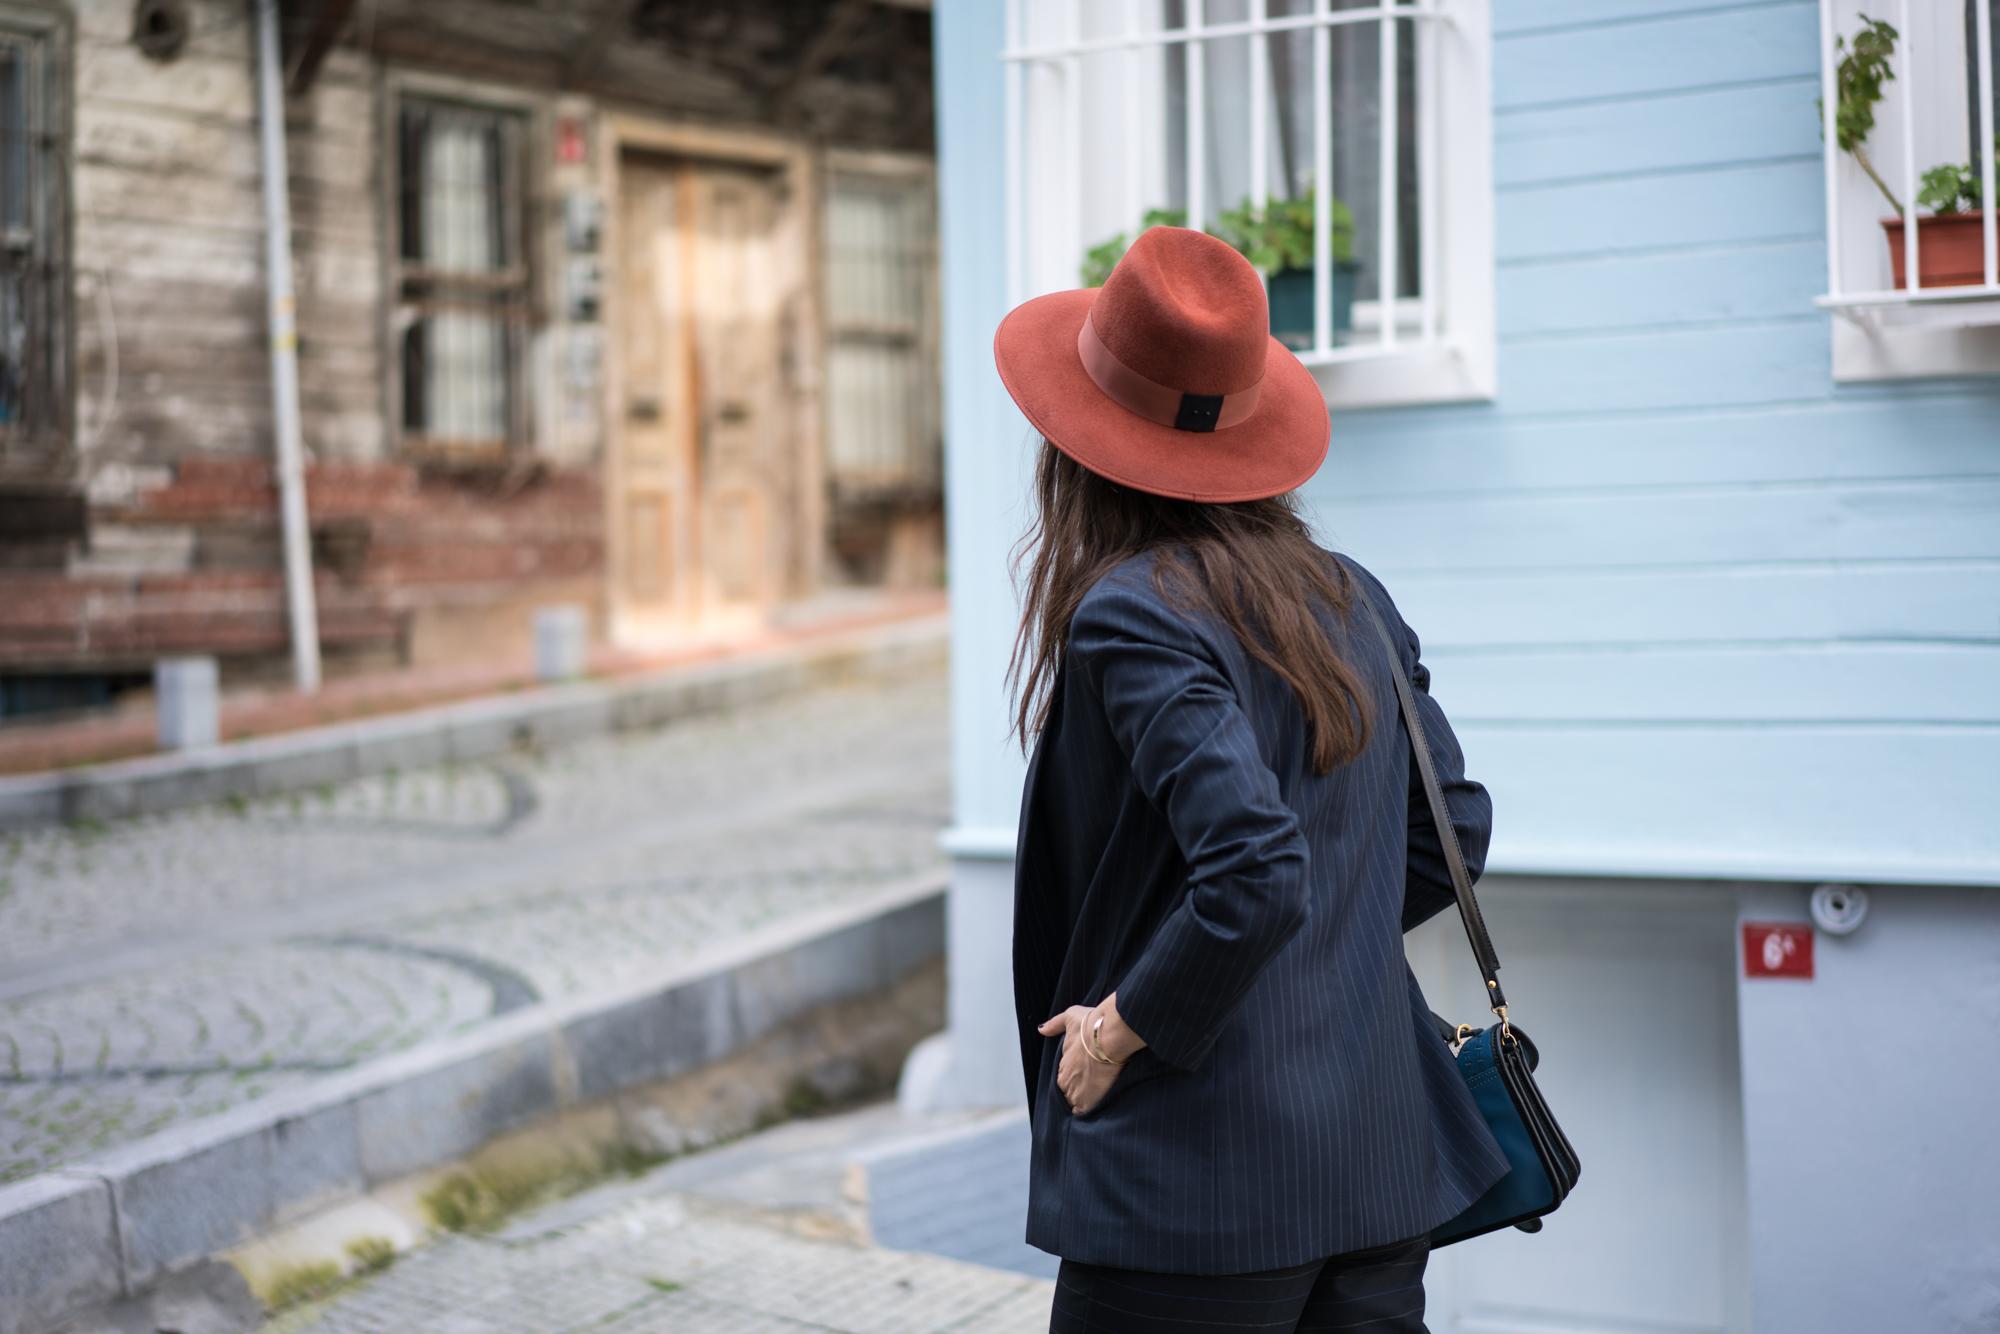 billur saatci, offnegiysem, street style, turkish style blogger, destree, mybestfriends, zara, kenzo, opening ceremony, dior